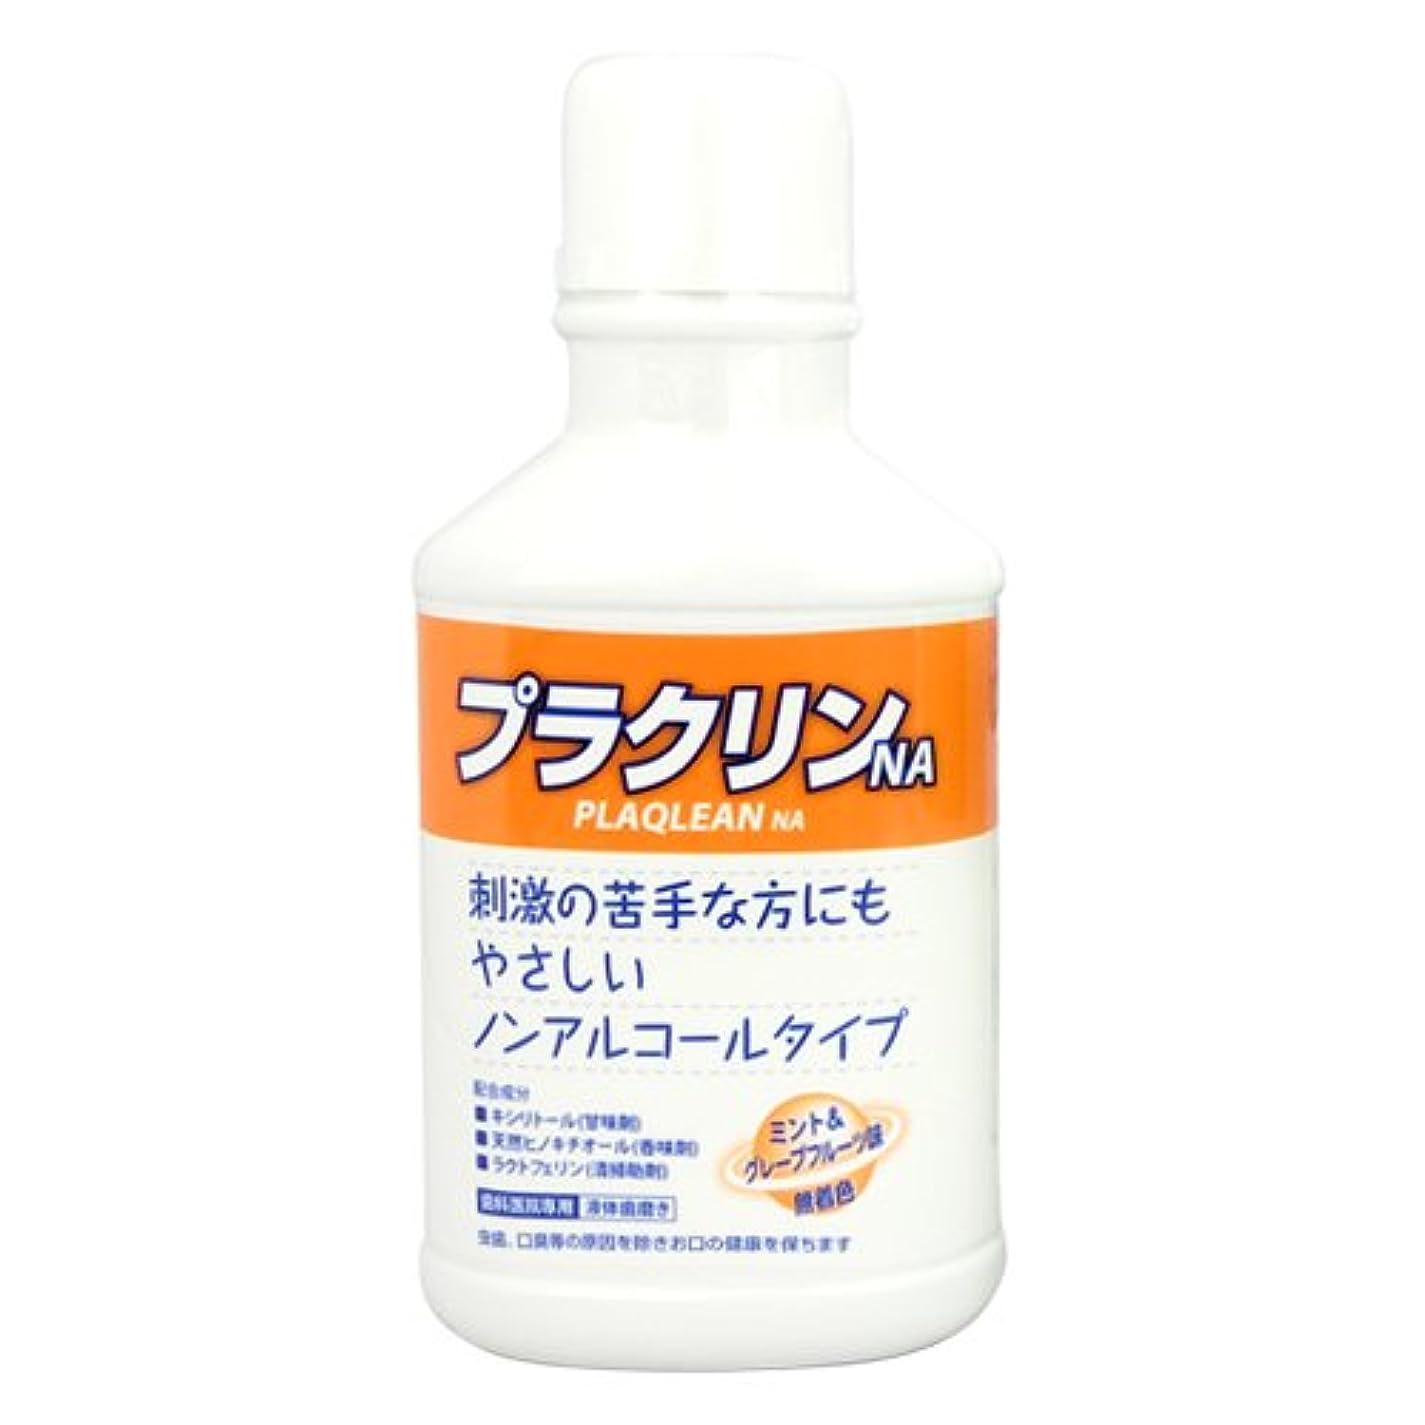 液体 歯磨き シリーズ 500ml プラクリンNA